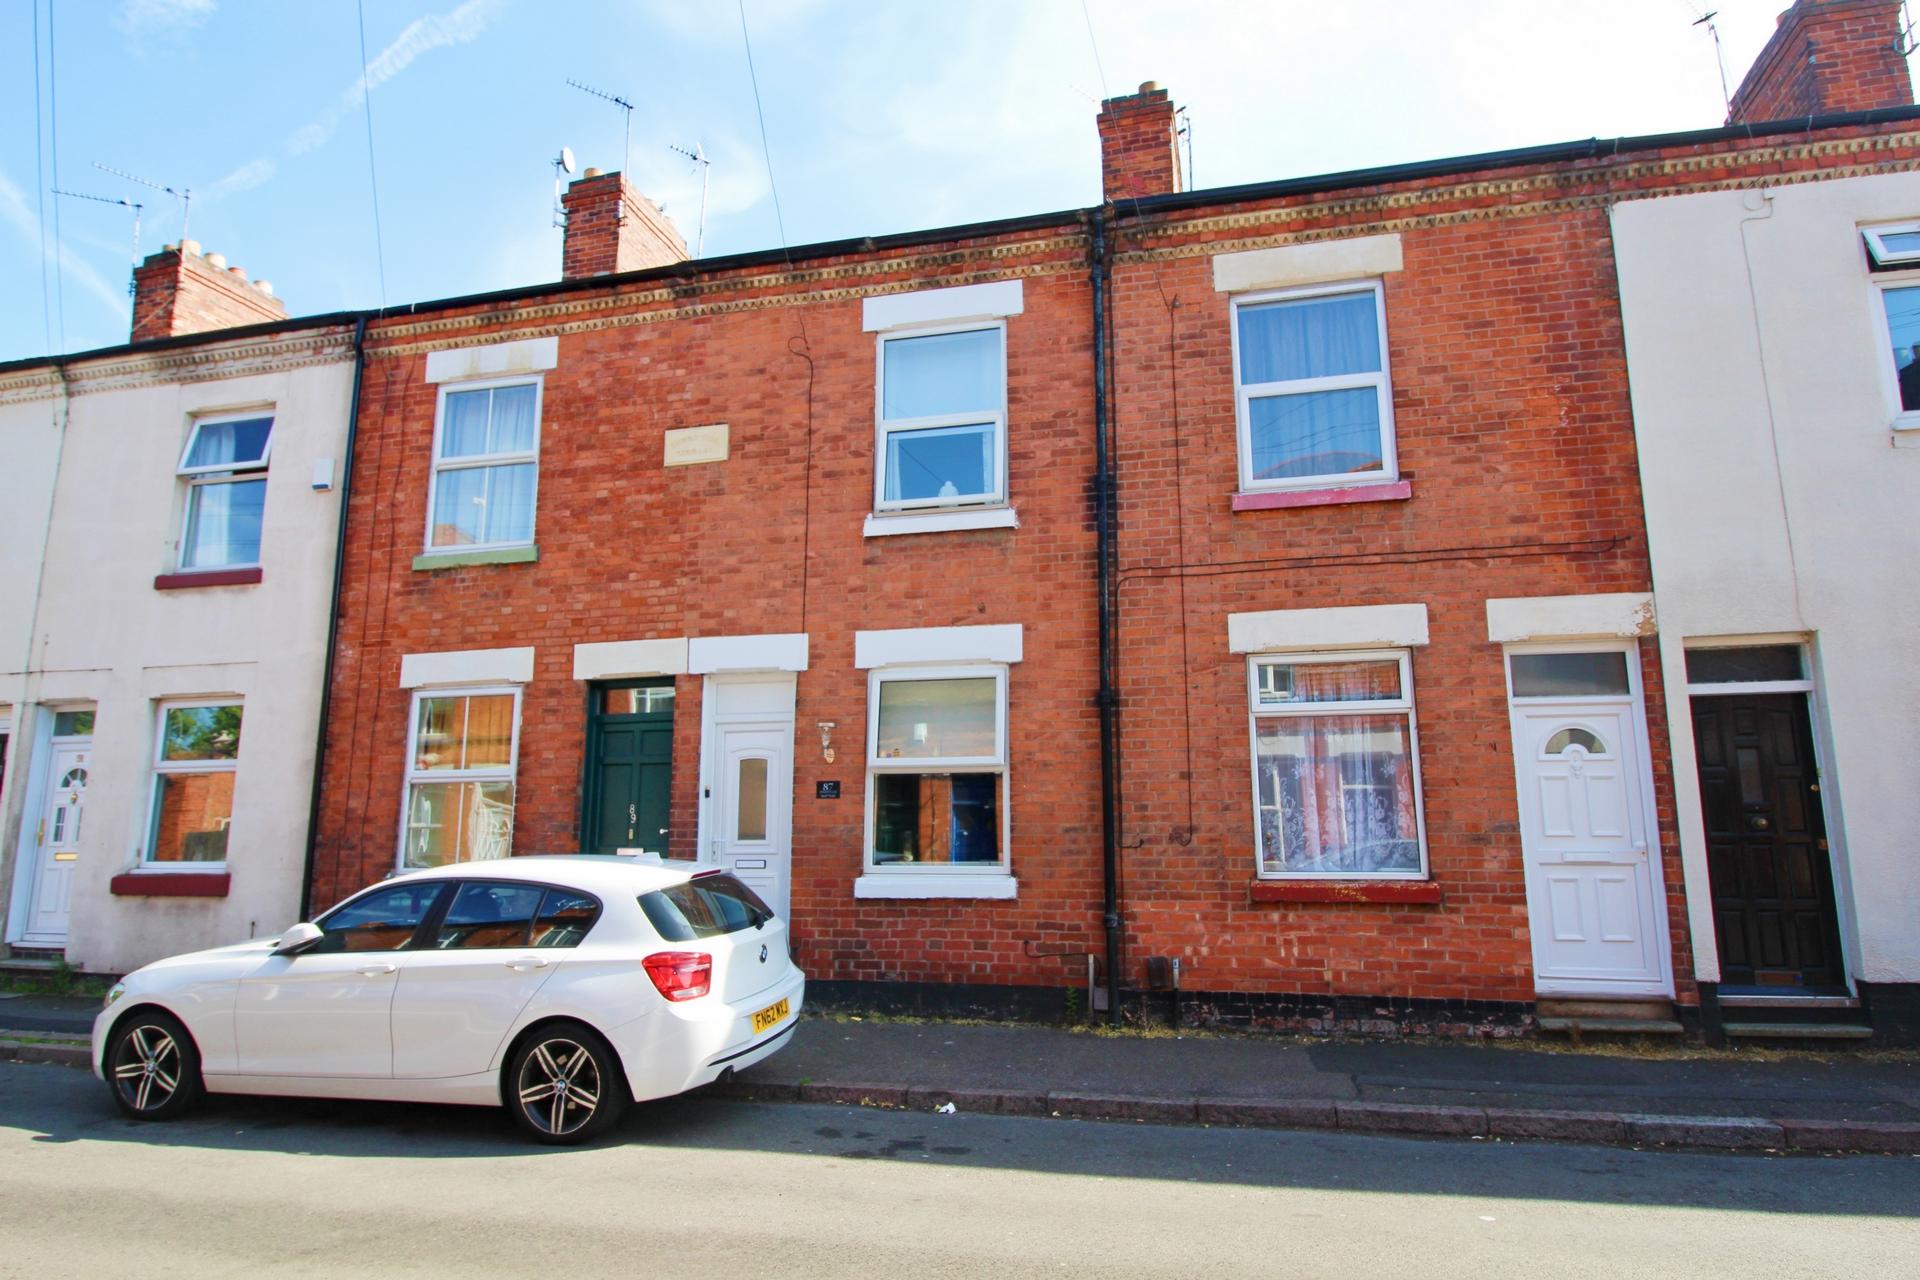 Photo 8, Knighton Lane, Leicester, LE2